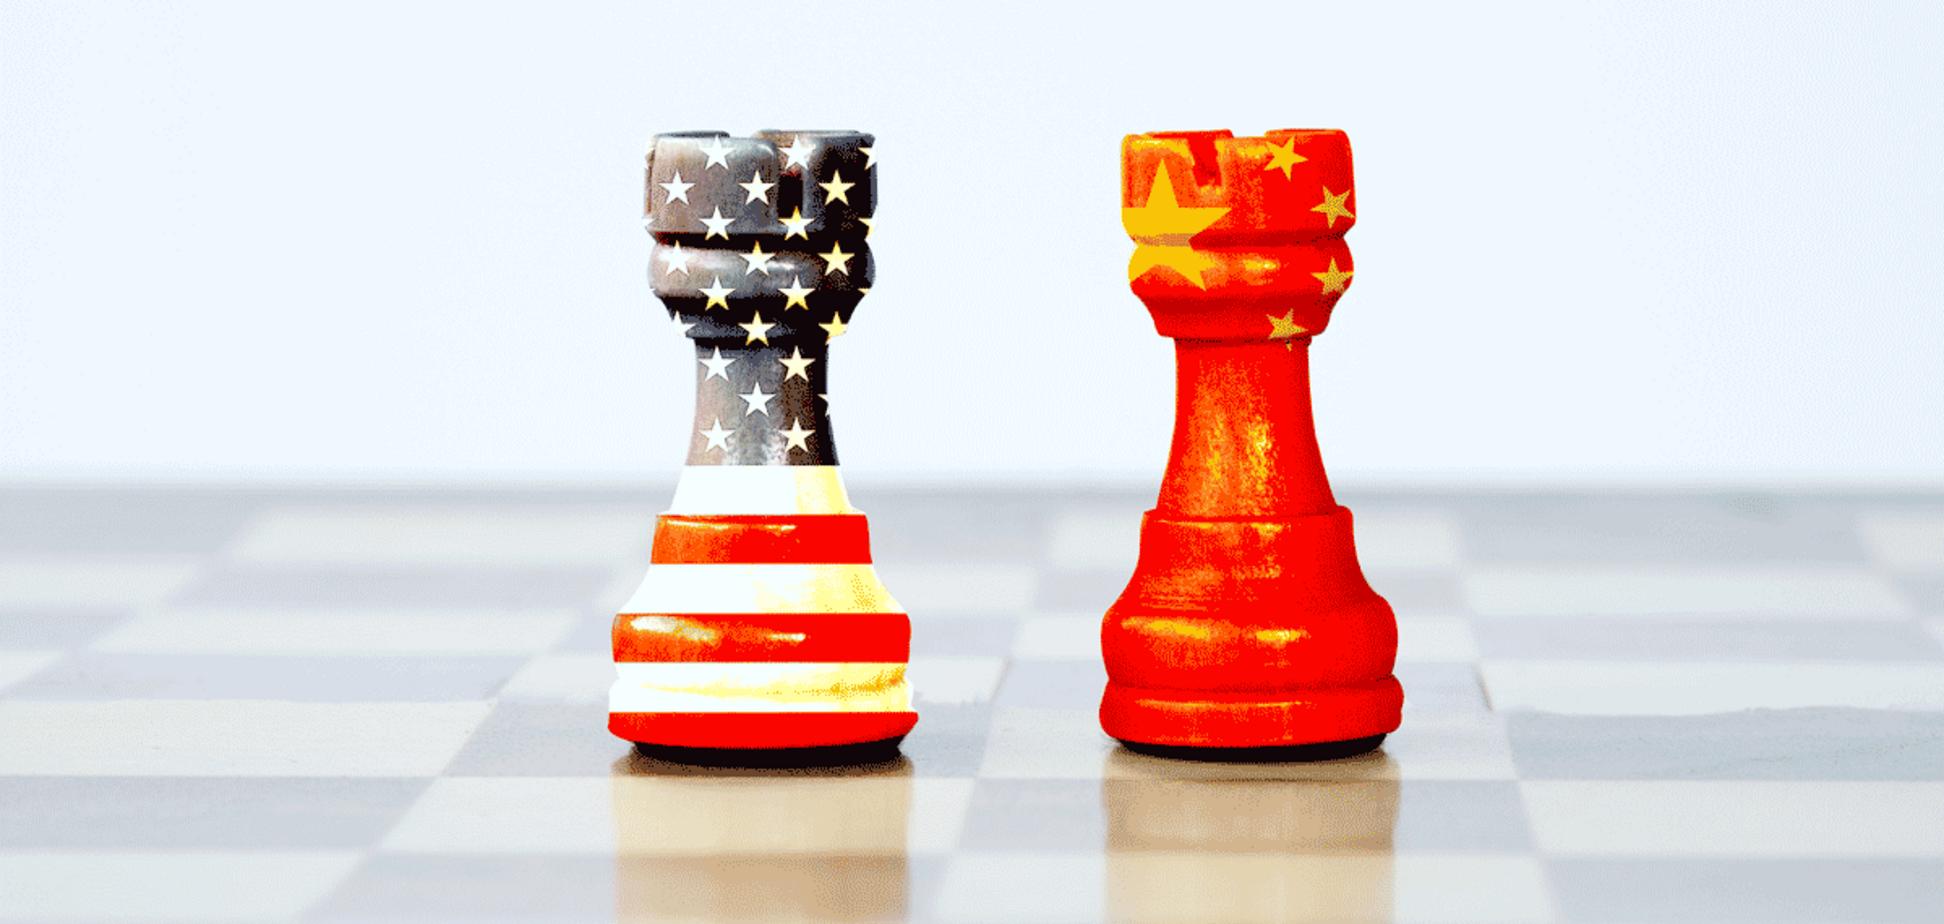 Як відштовхнути Росію від Китаю і подружити з США за рахунок України?